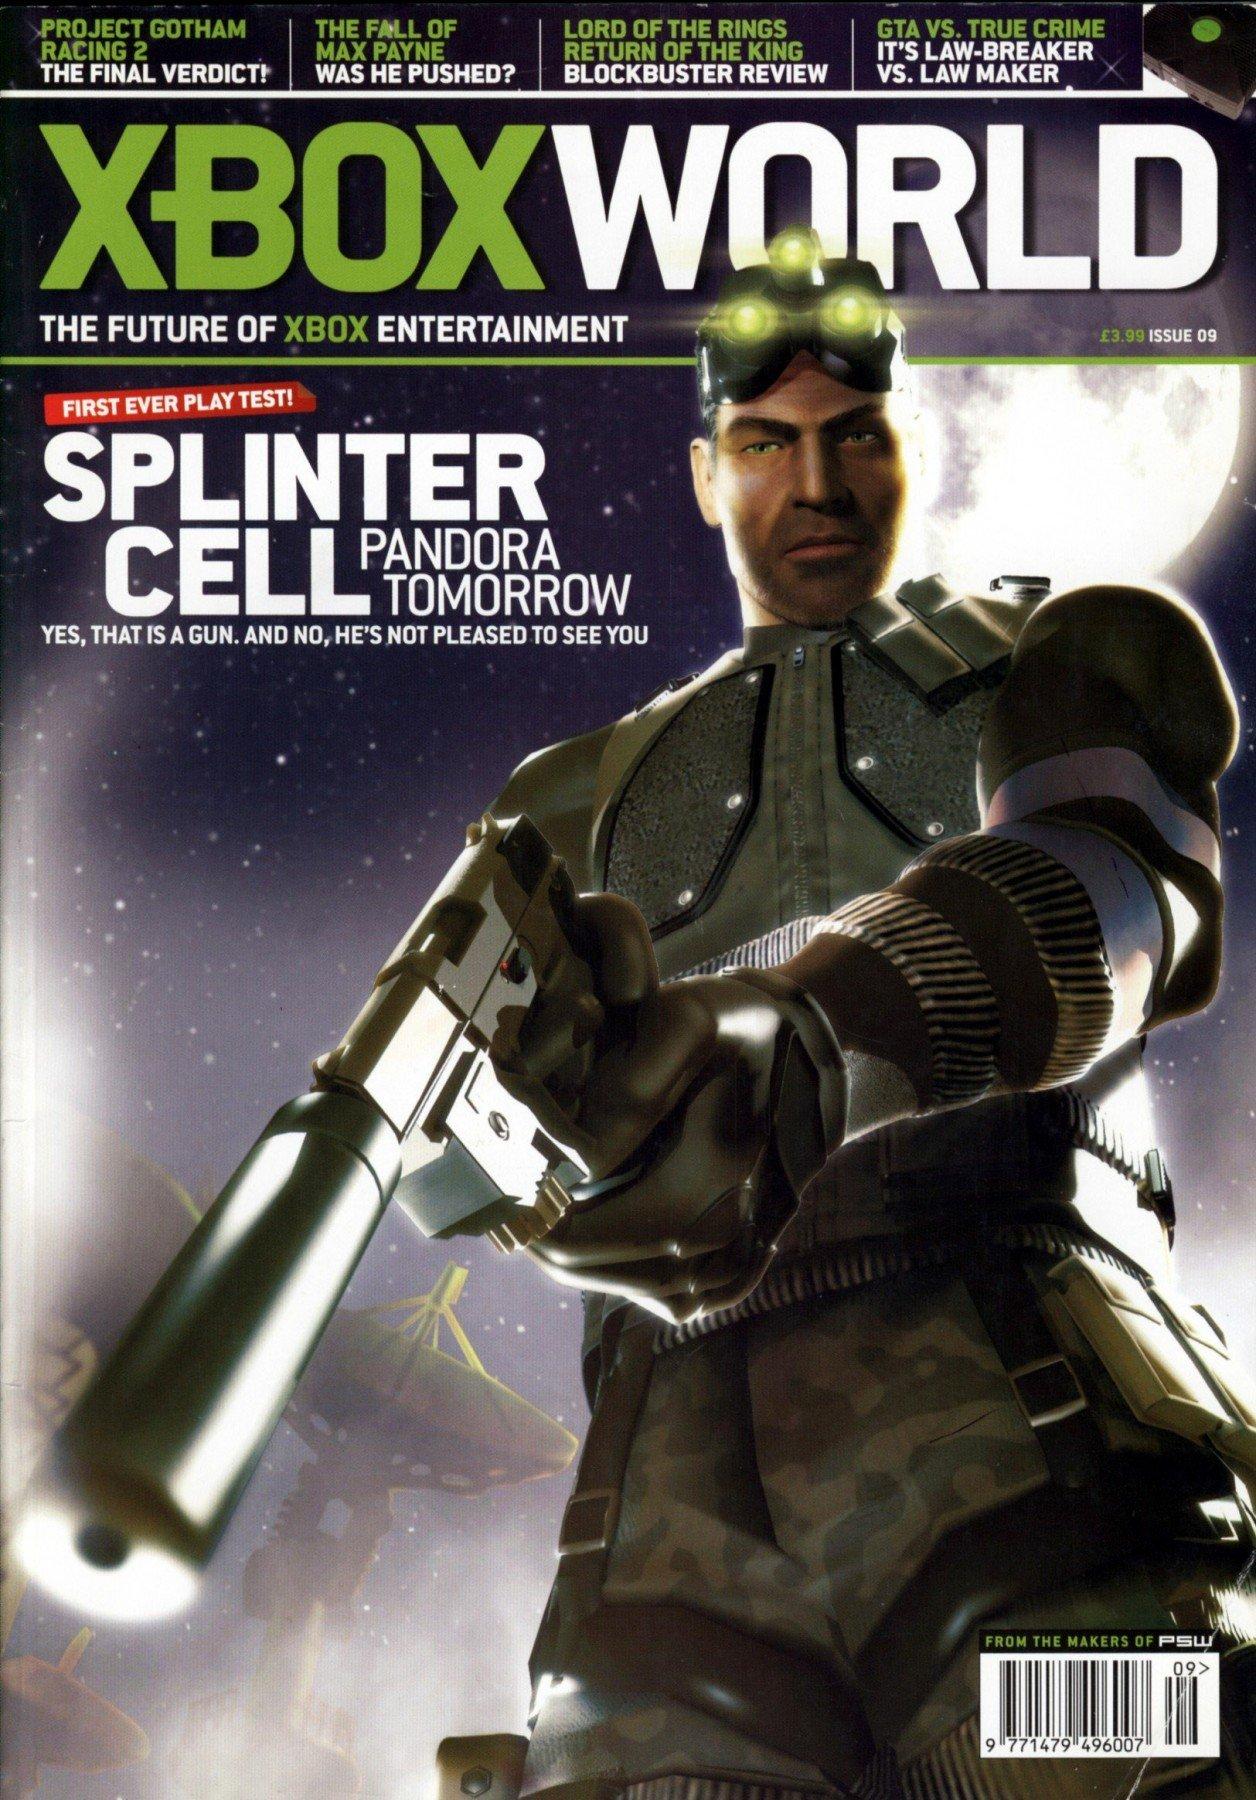 XBox World Issue 009 (December 2003)